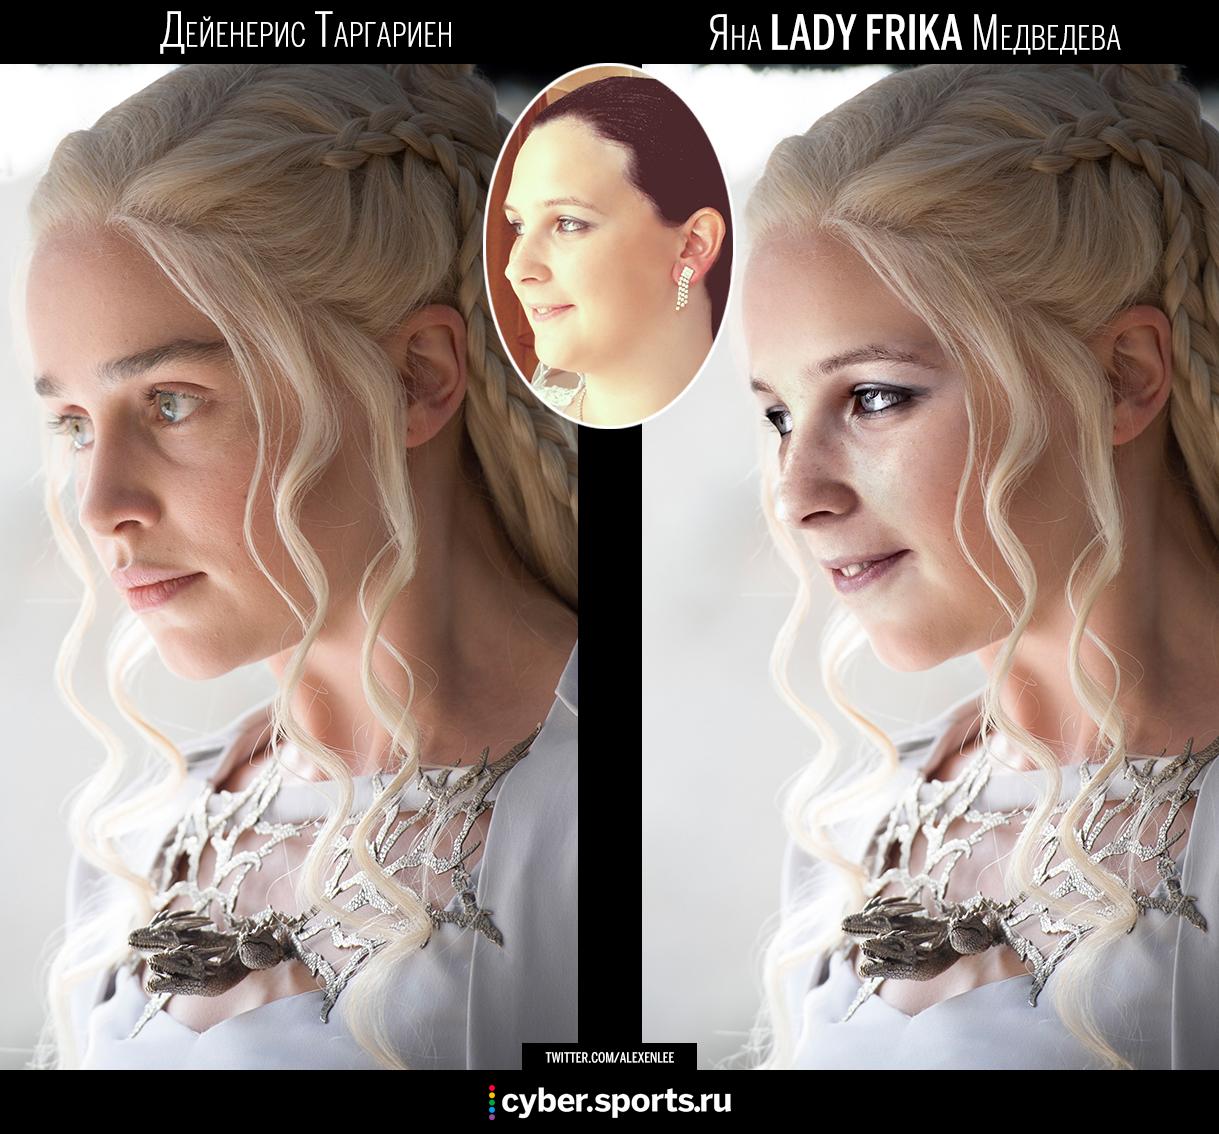 Яна Lady Frika Медведева